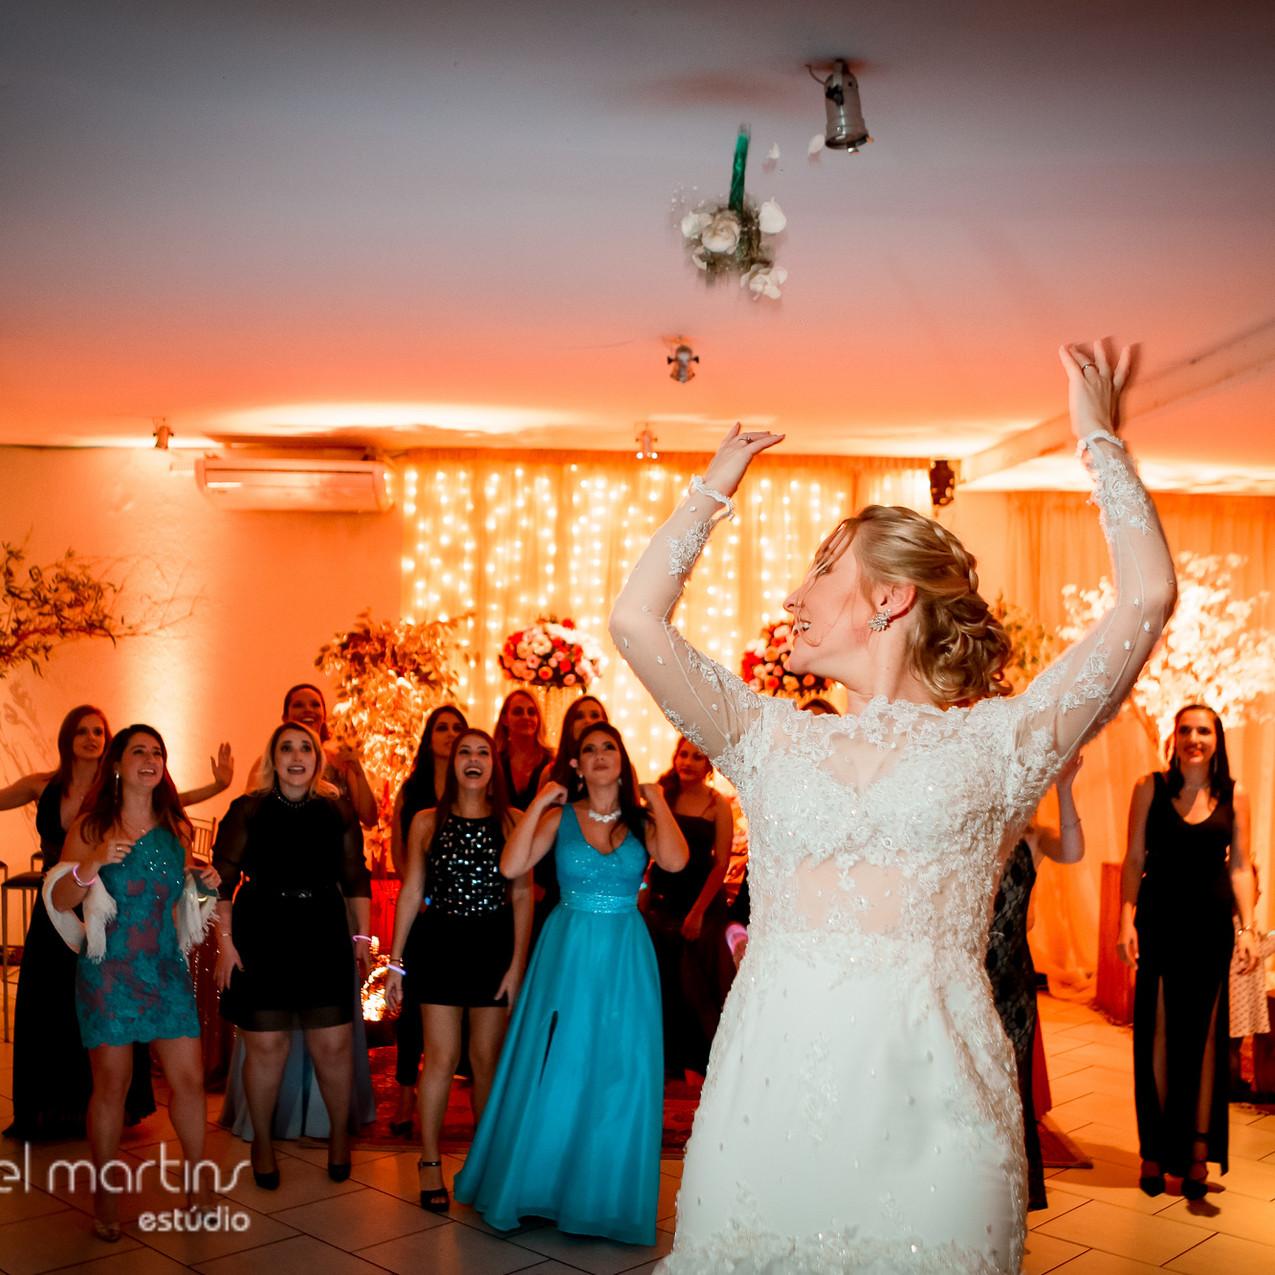 BeR-1318-fotografo-casamento-wedding-gotadagua-rustico-brunaeraul-boho-diy-portoalegre-daniel-martins